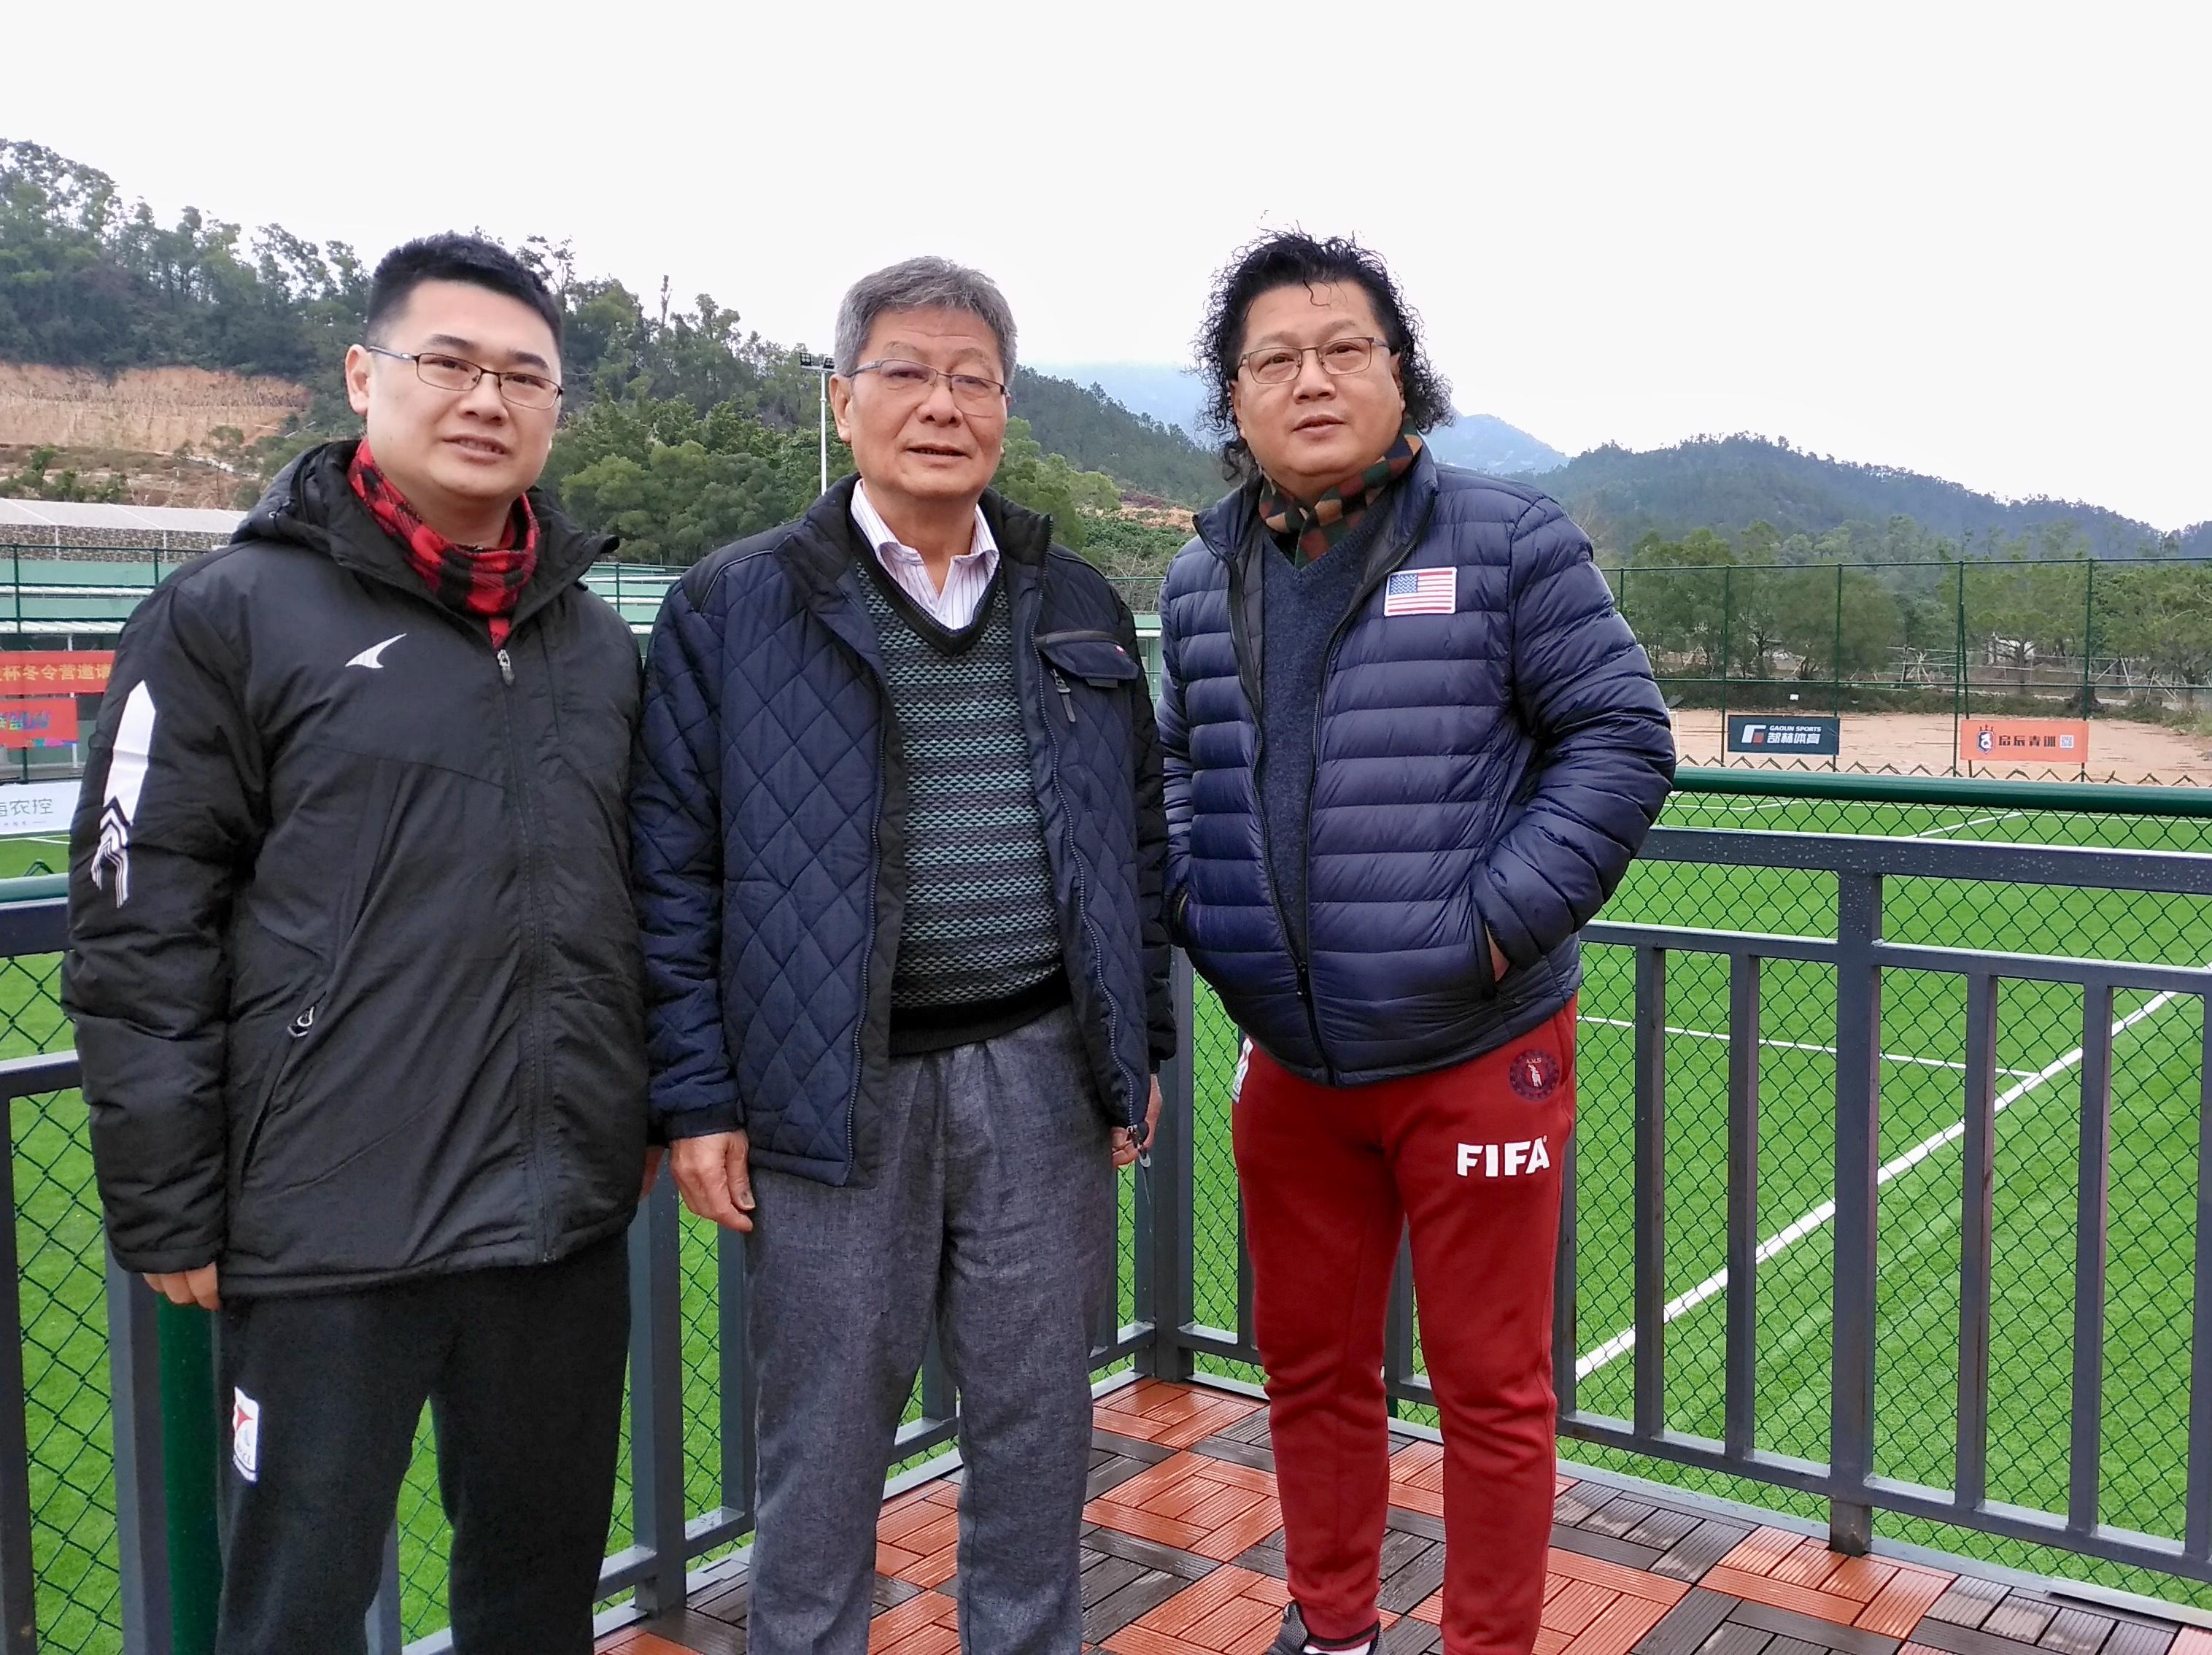 广东民间足球再突破 房地产界省级联赛破土而出